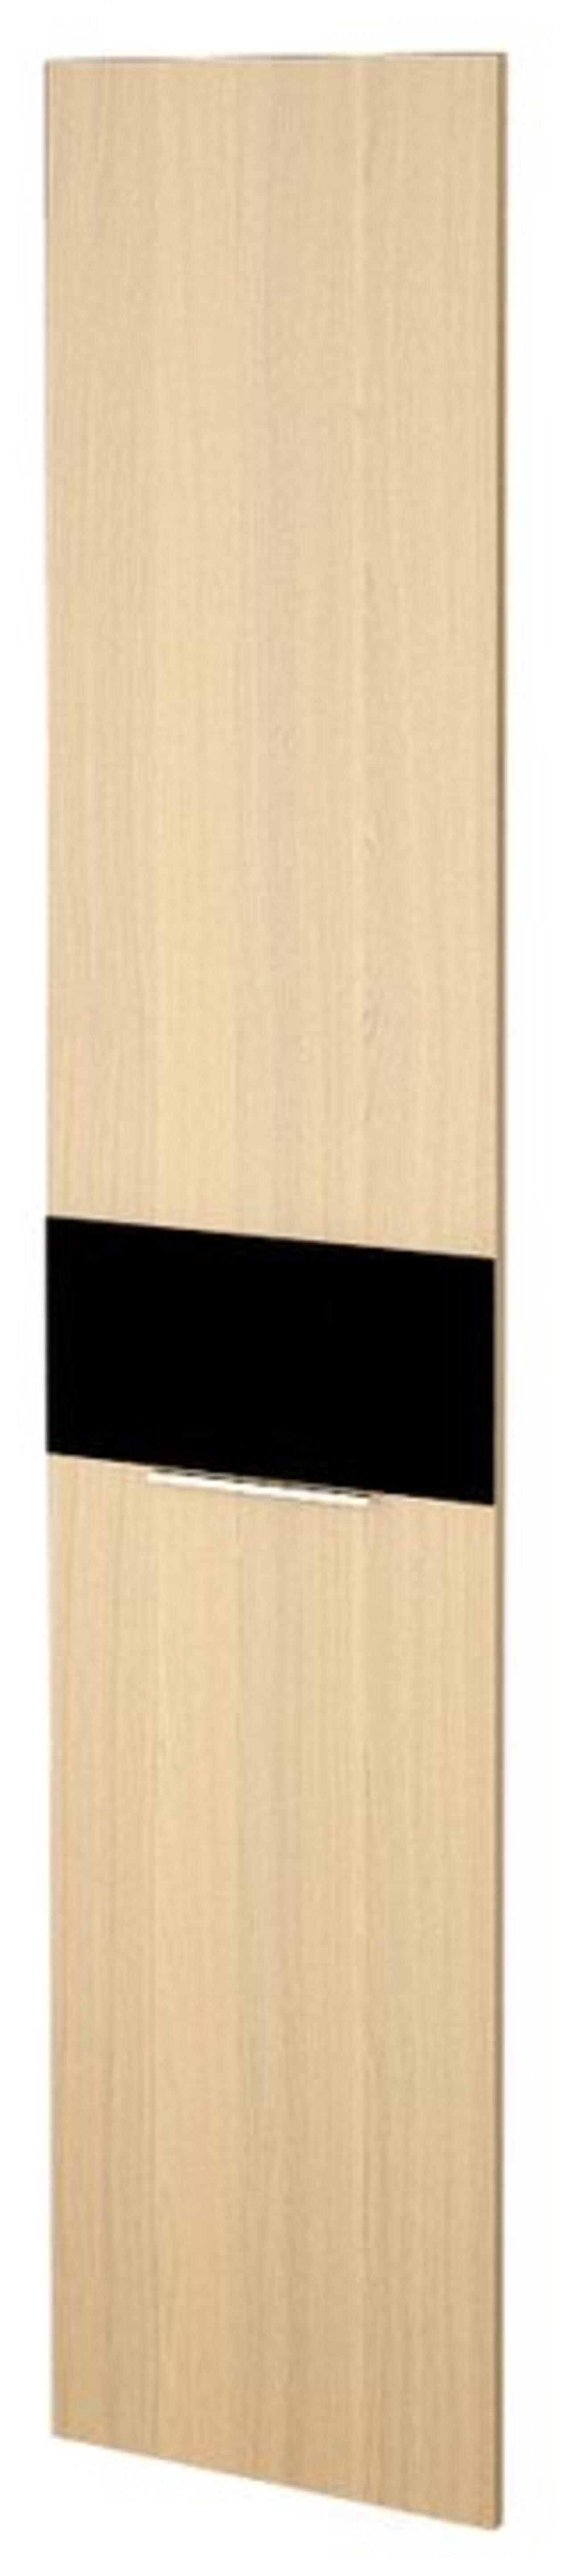 Дверь левая  Акцент 39x2x187 - фото 5